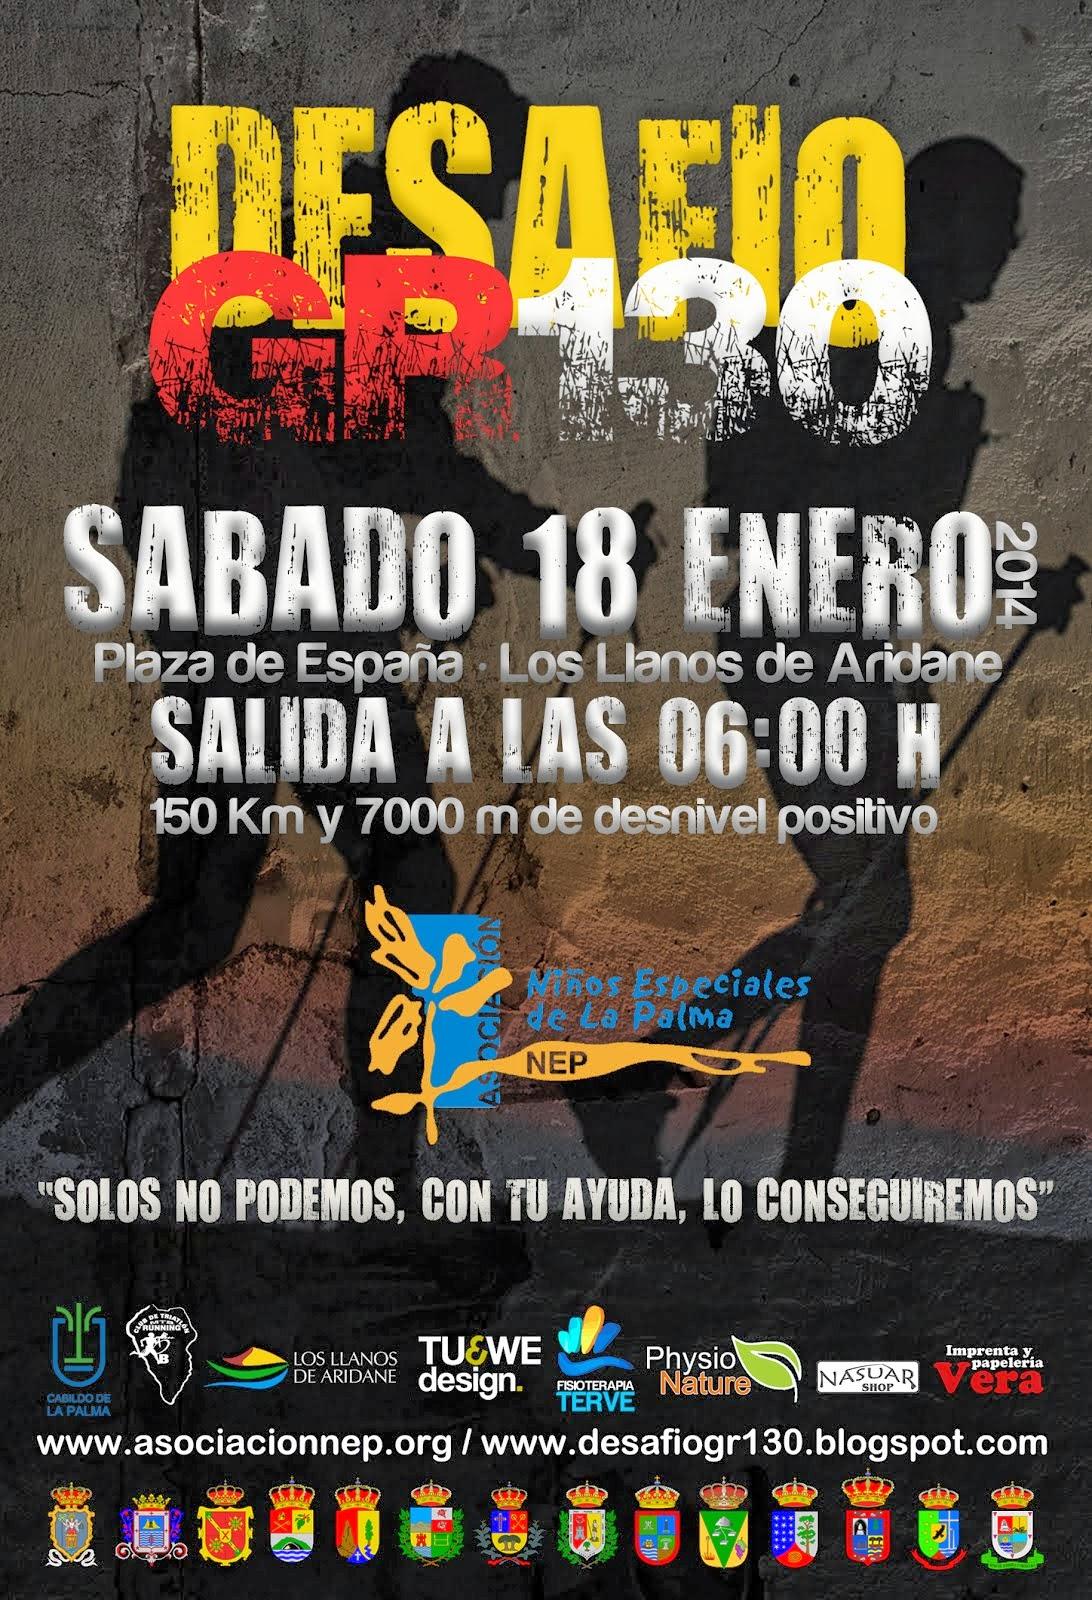 CARTEL DESAFÍO GR130 (AÑO 2014)